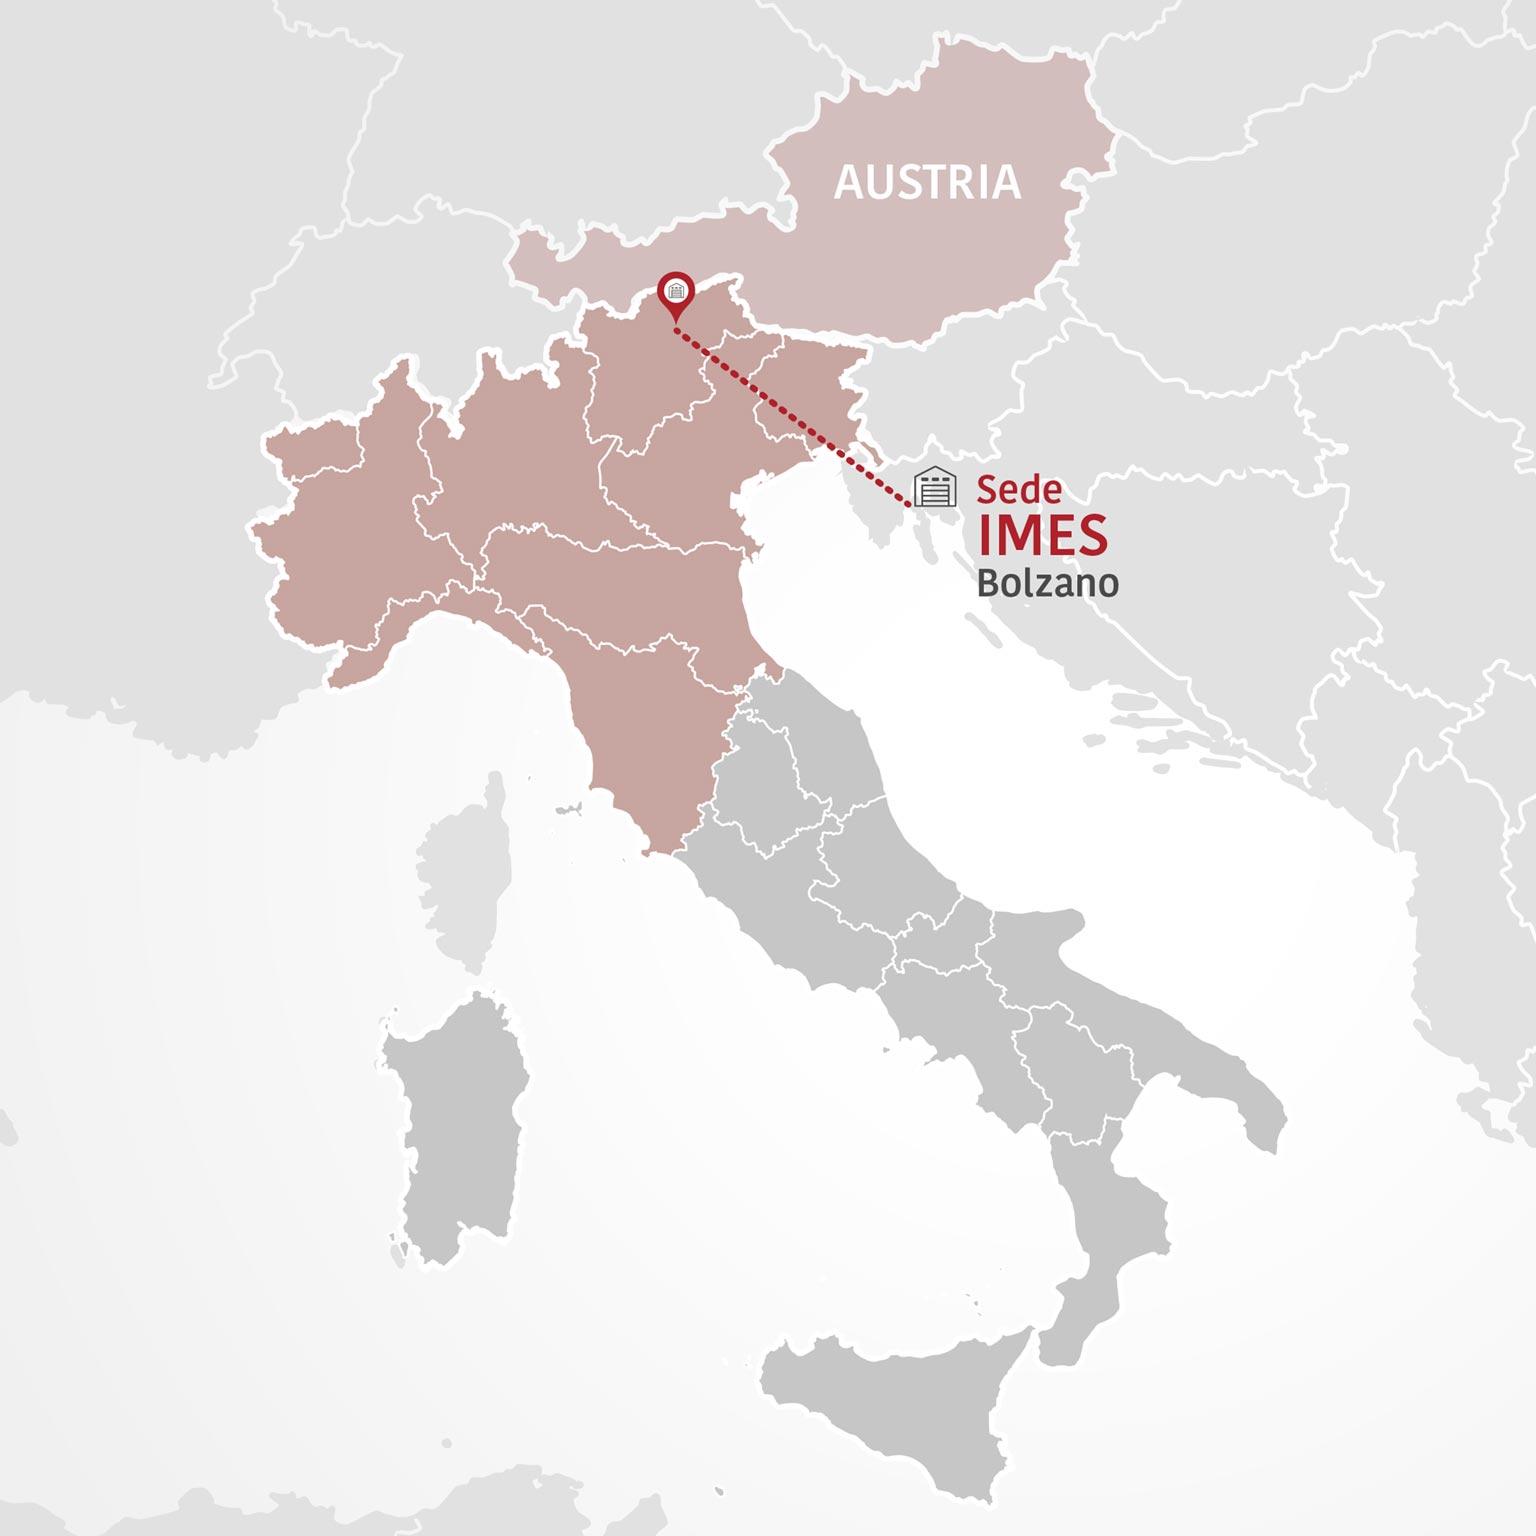 Distribuzione prodotti alimentari: la rete vendita IMES